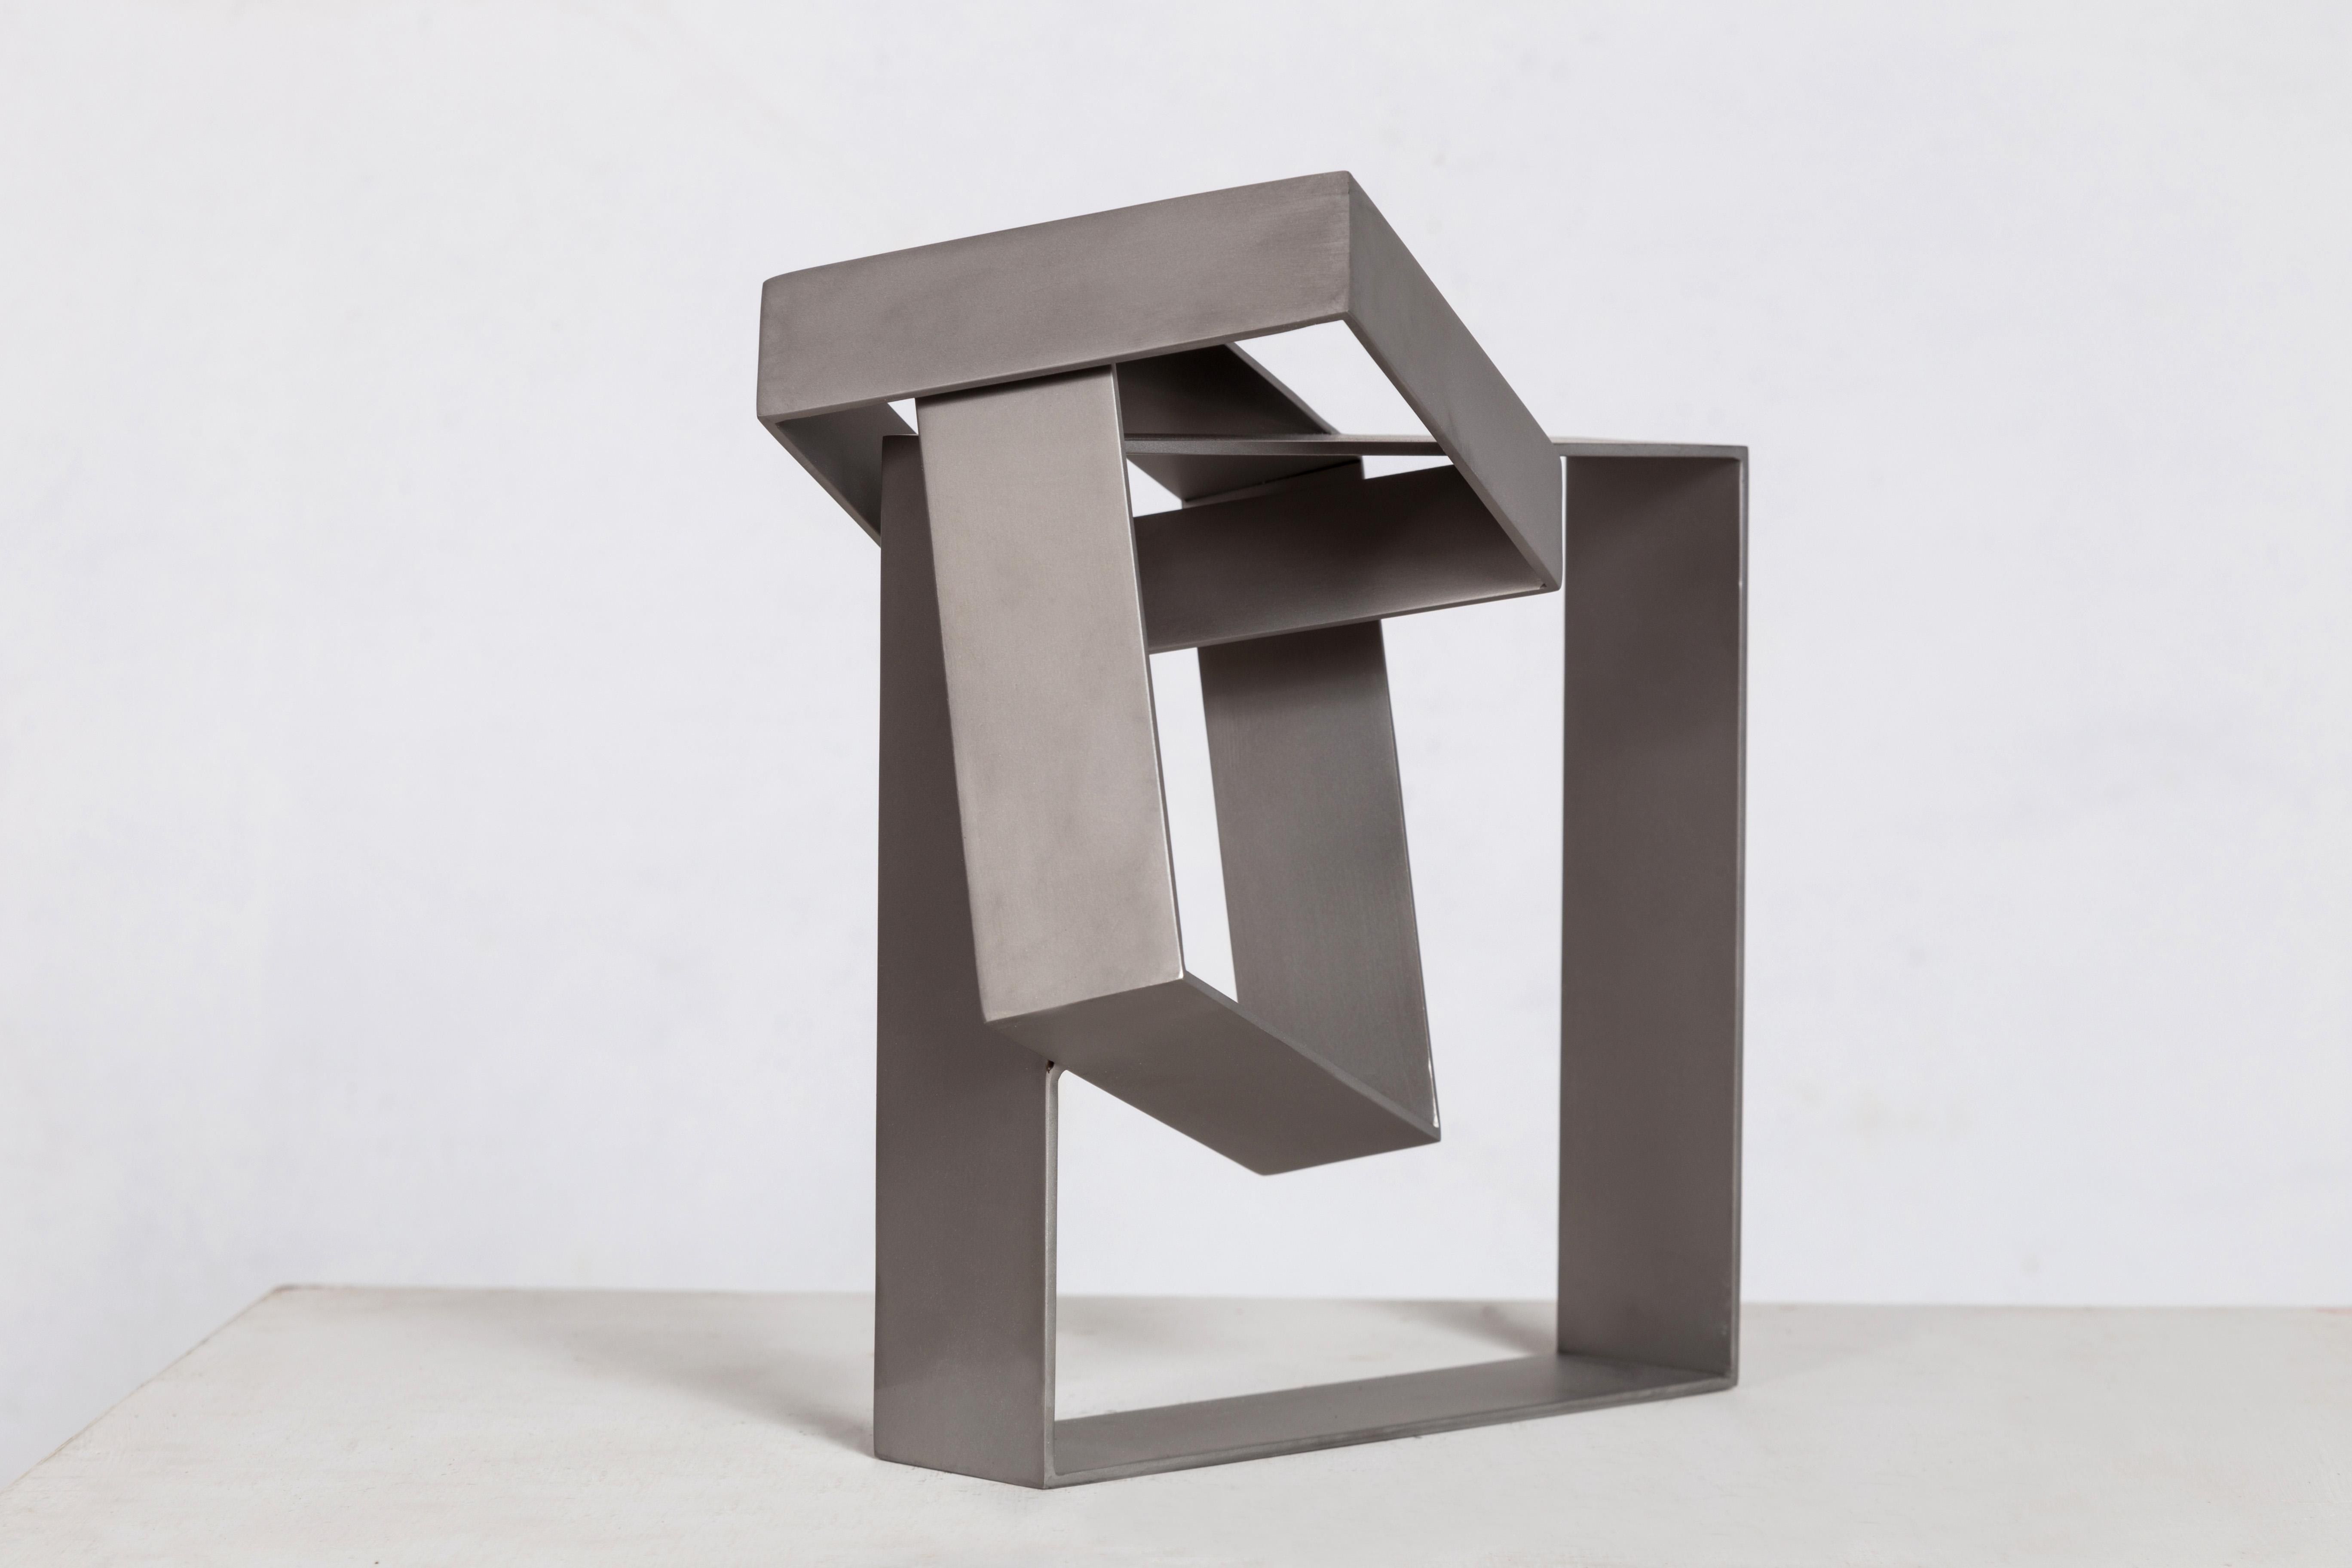 Sérvulo Esmeraldo, Sem Título, Escultura em aço inox, polimento acetinado, 26,8 x 14,5 x 23,5 cm, 2015